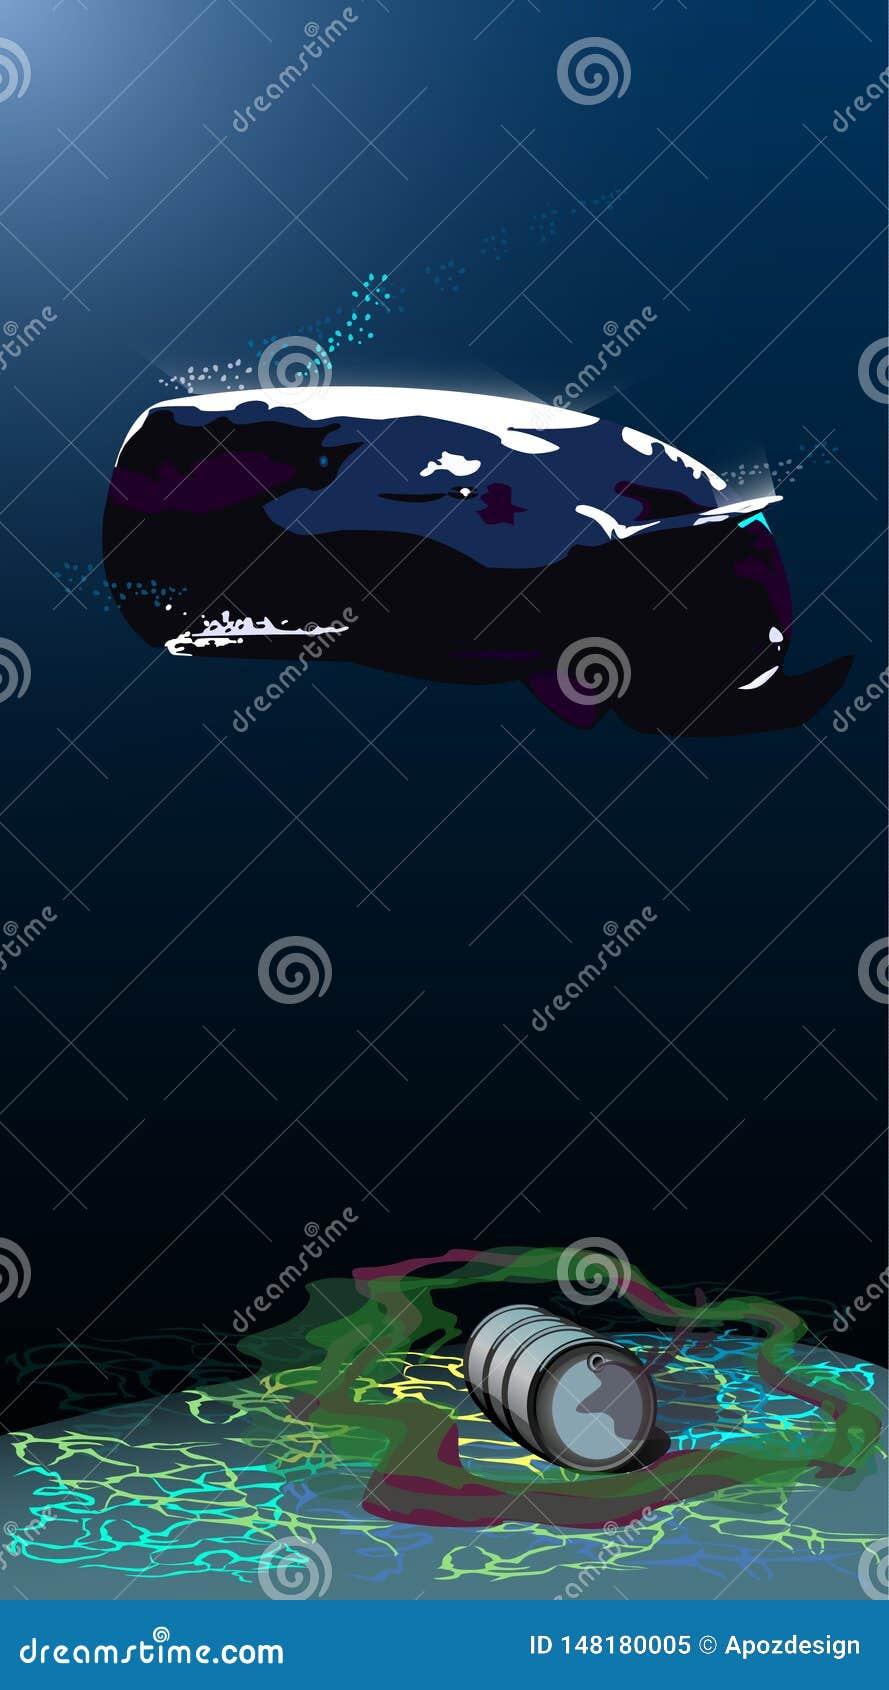 Monde submersible, sperme-baleine, déchets submersibles